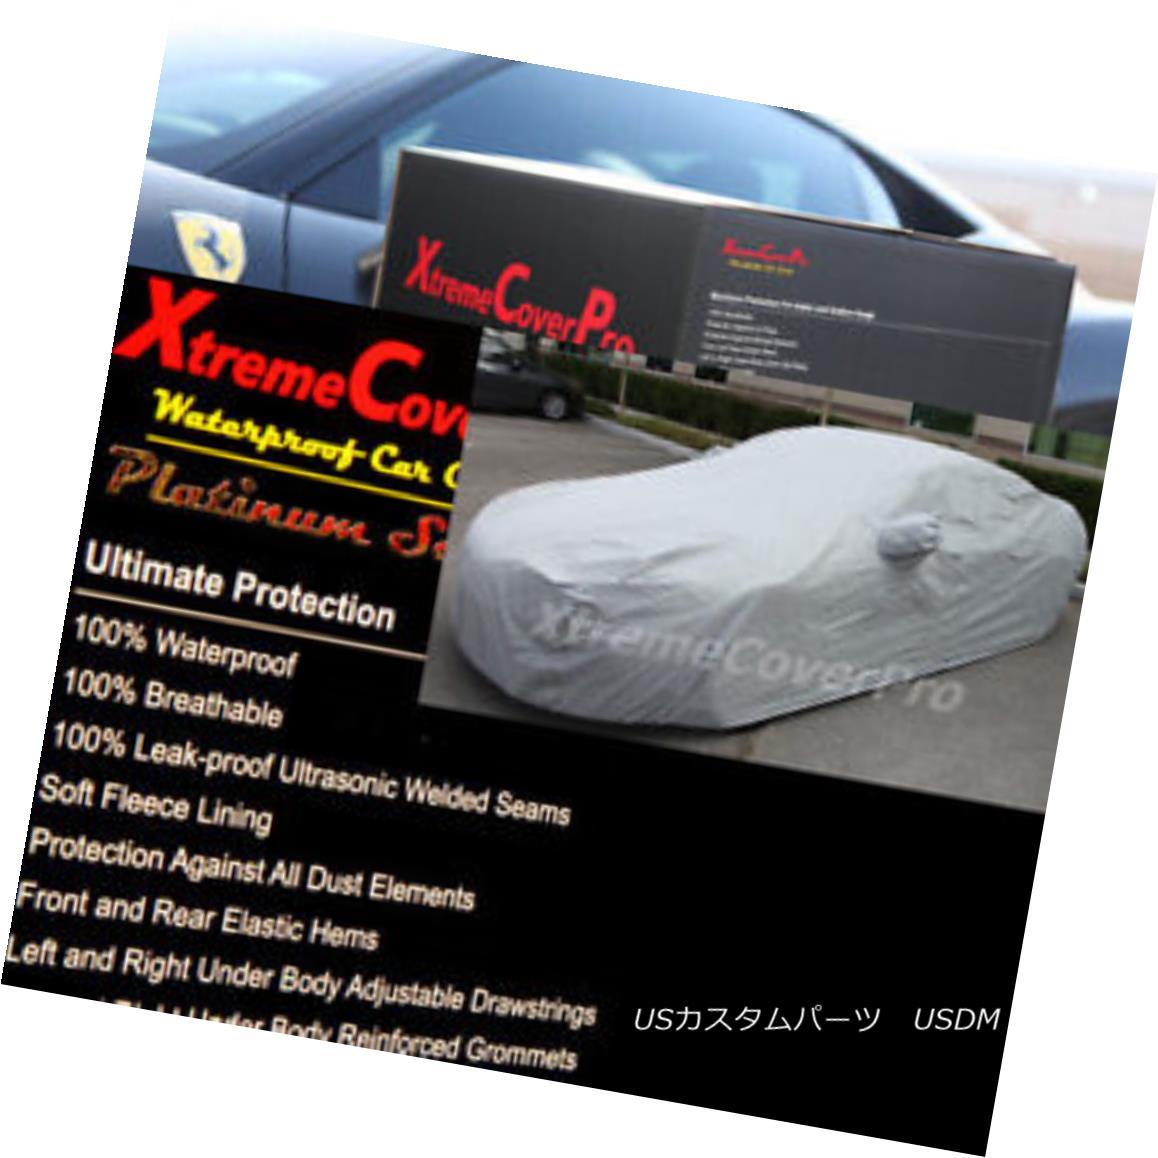 カーカバー WATERPROOF CAR COVER W/MIRROR POCKET GREY for 2015 2014 Hyundai Elantra sedan 2015年の防水カーカバーW / MIRROR POCKET GRAY 2014現代エラントラセダン